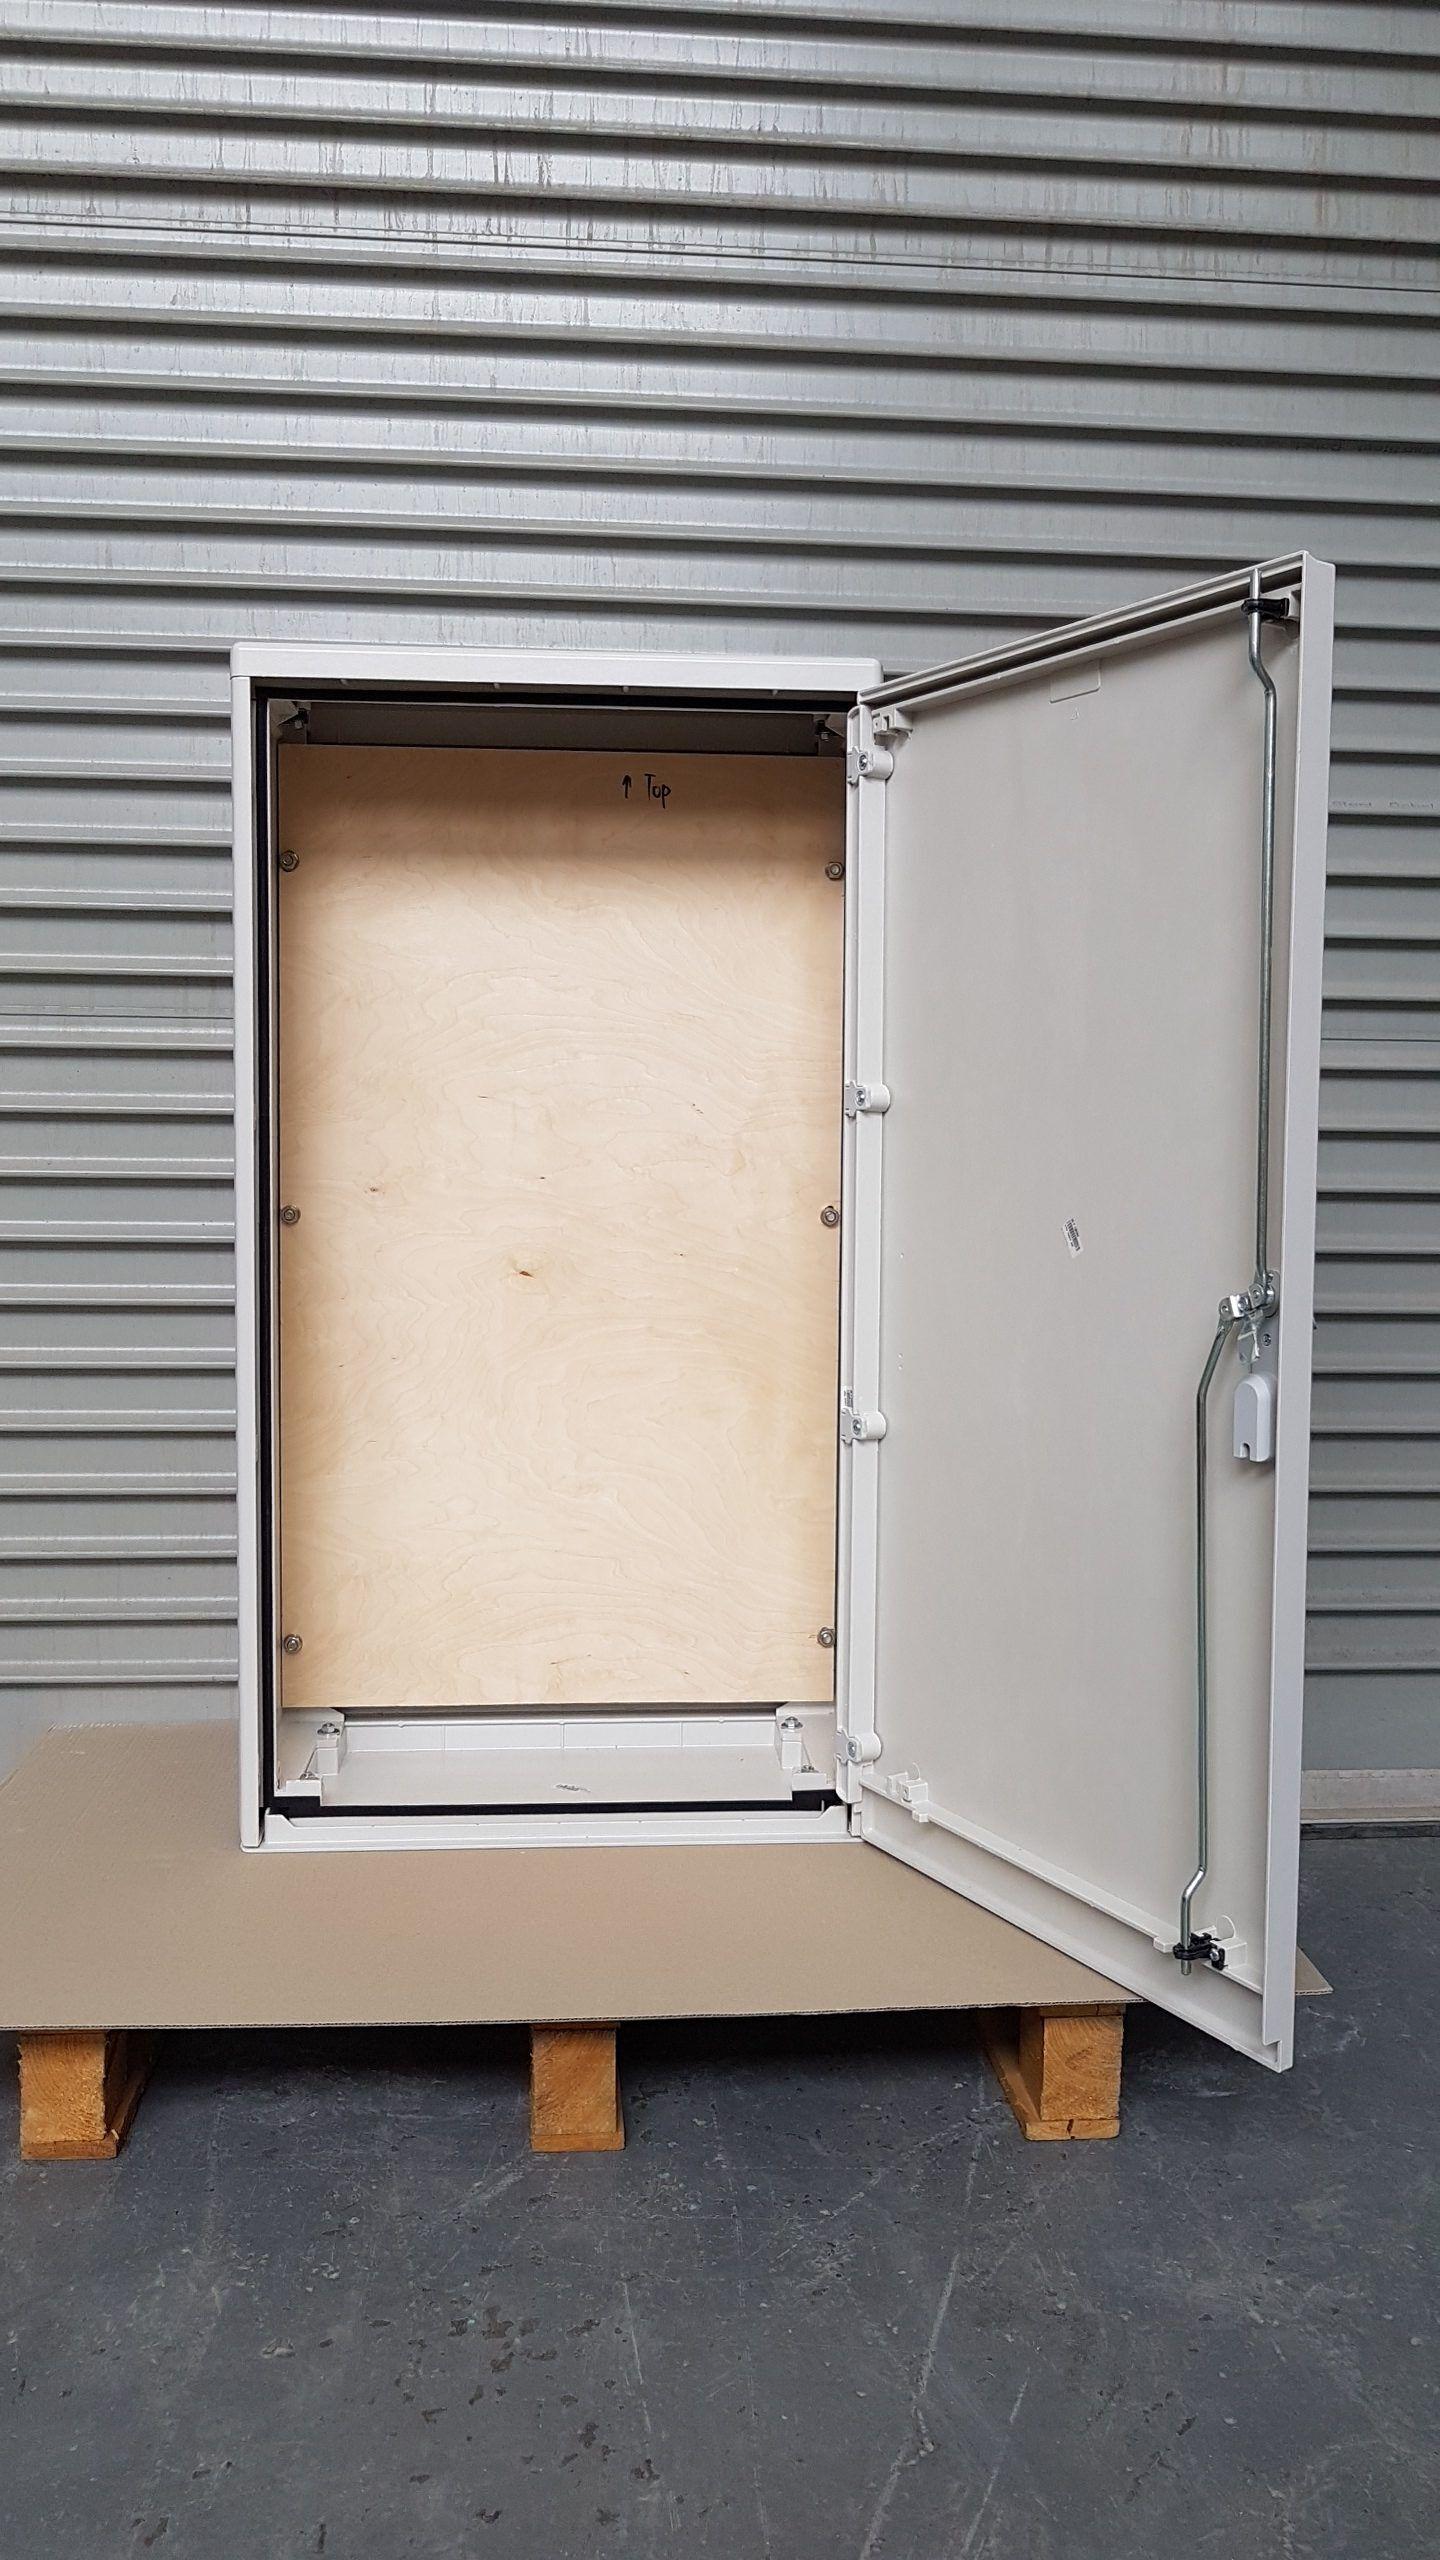 GRP Electric Meter Box W605 x H1150 x D320 mm, Open Door Front View